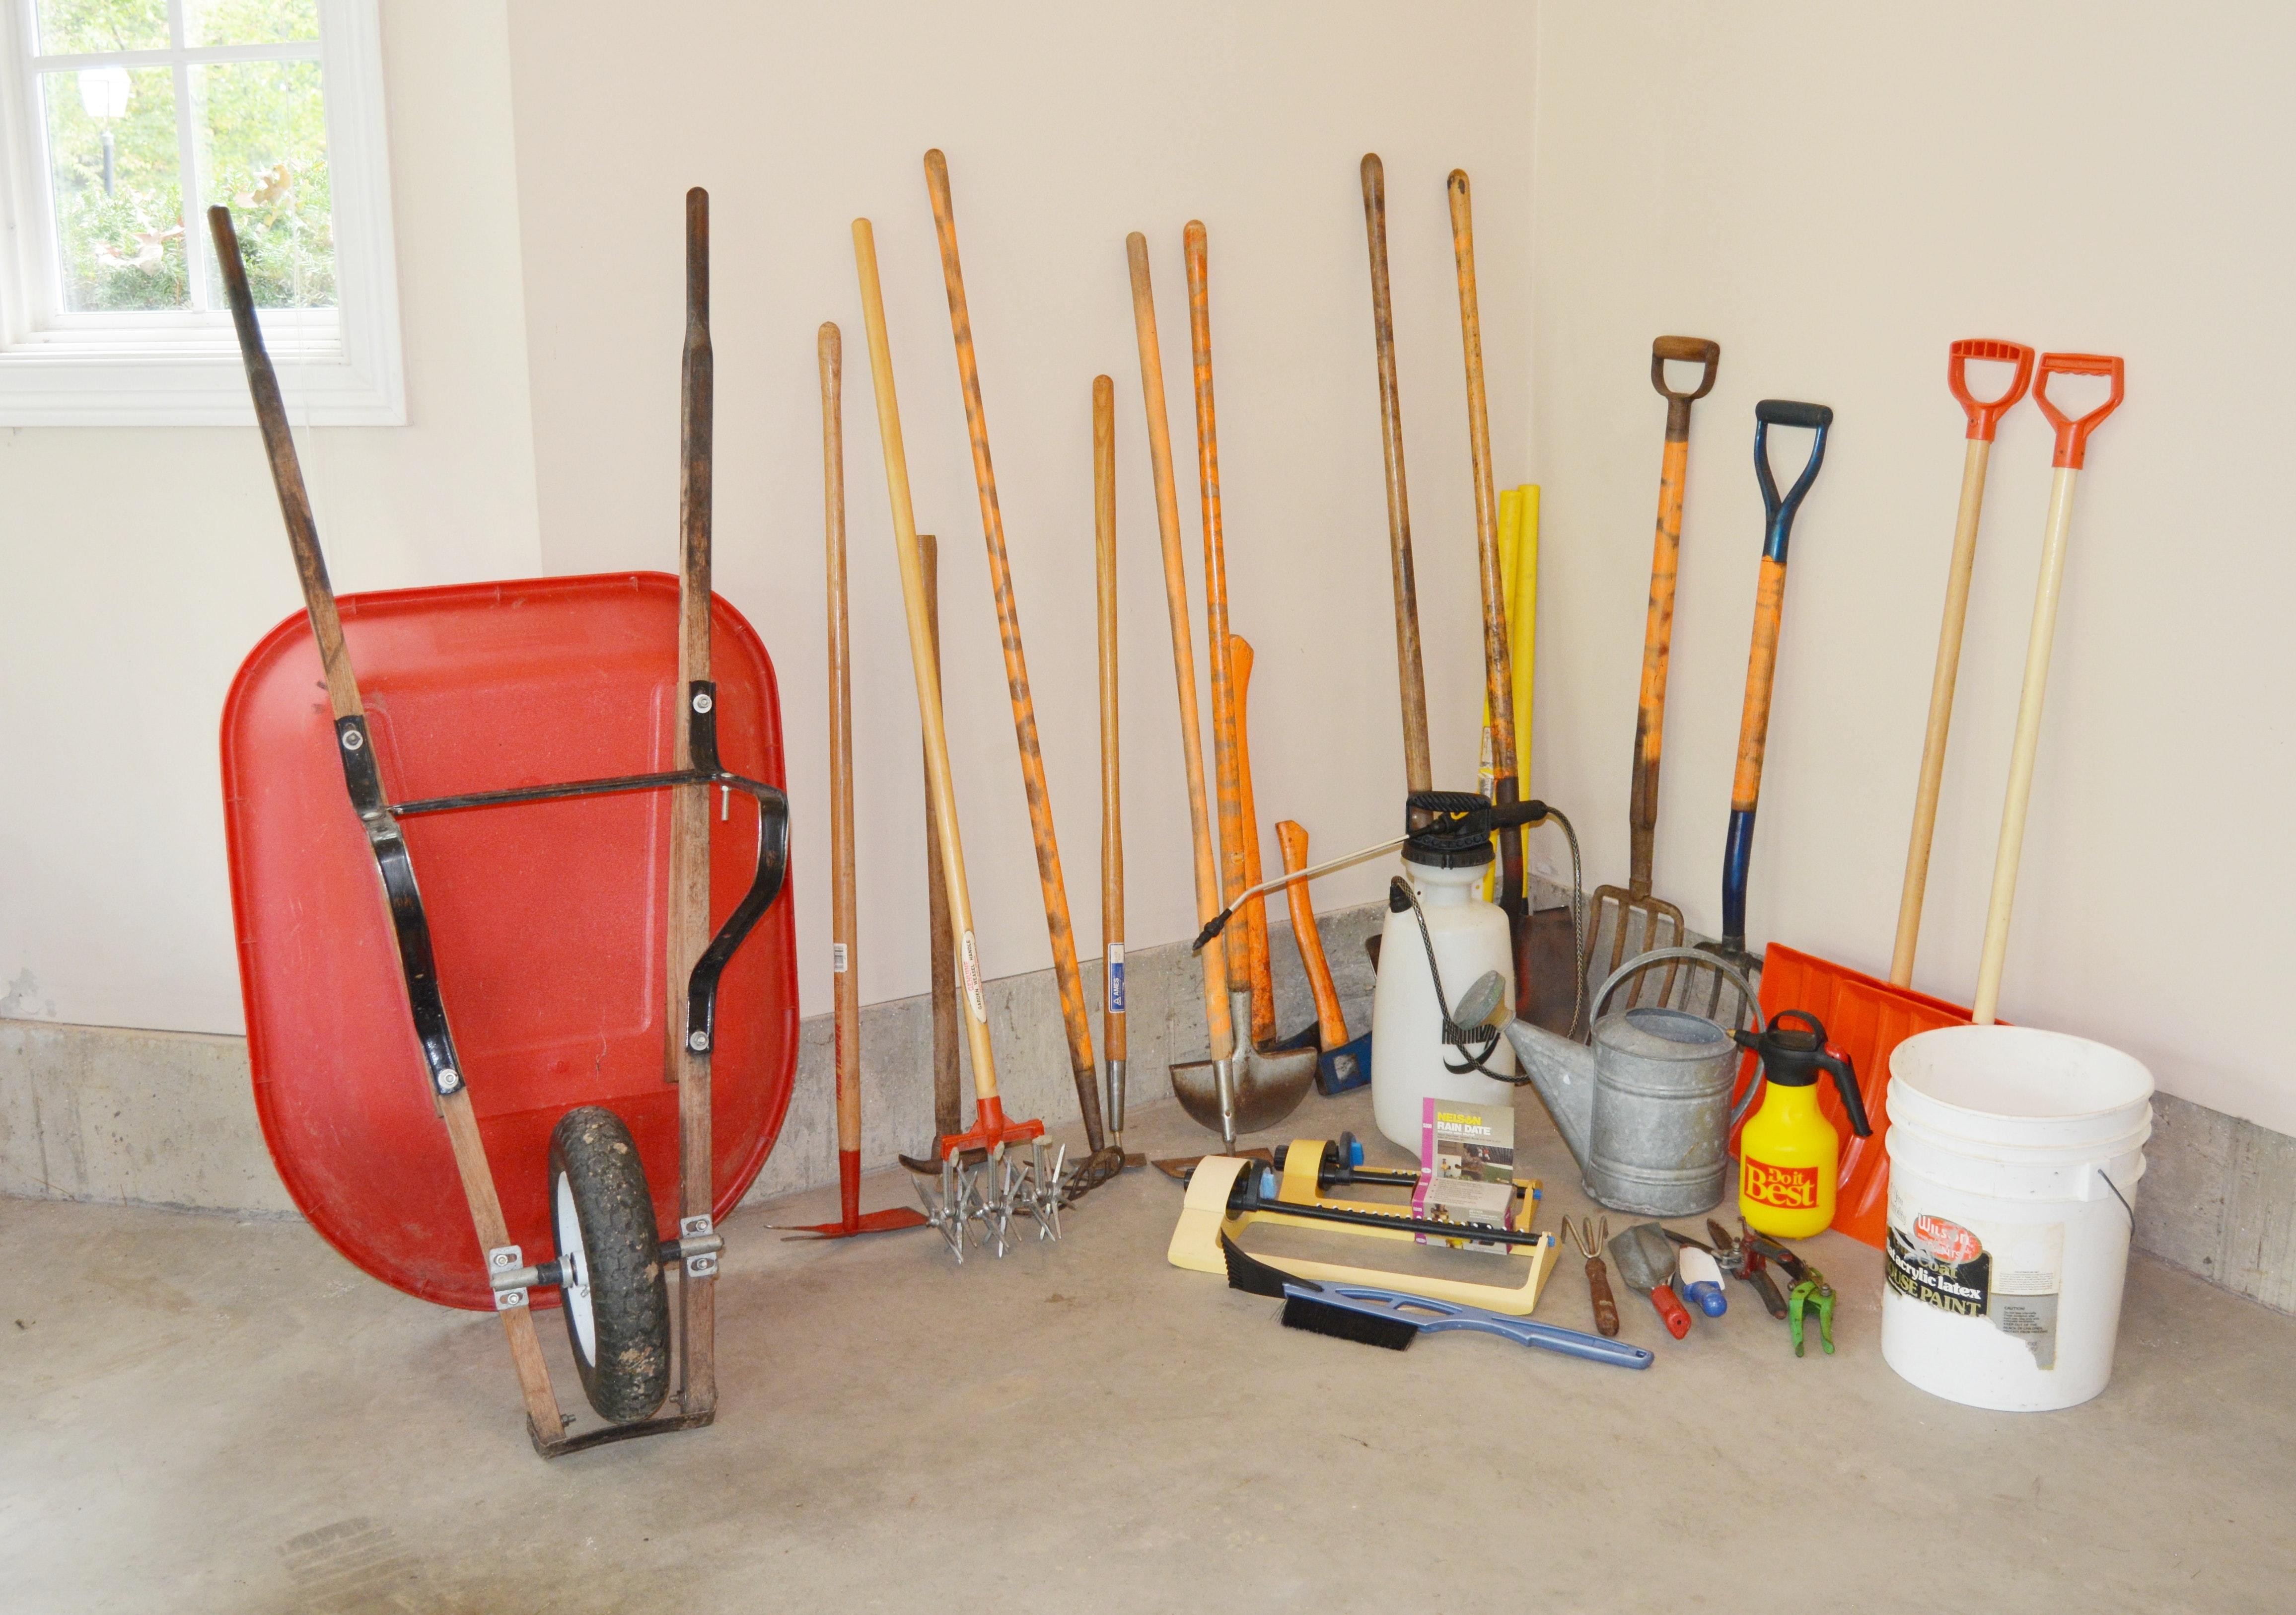 Collection of Garden Tools and Wheelbarrow